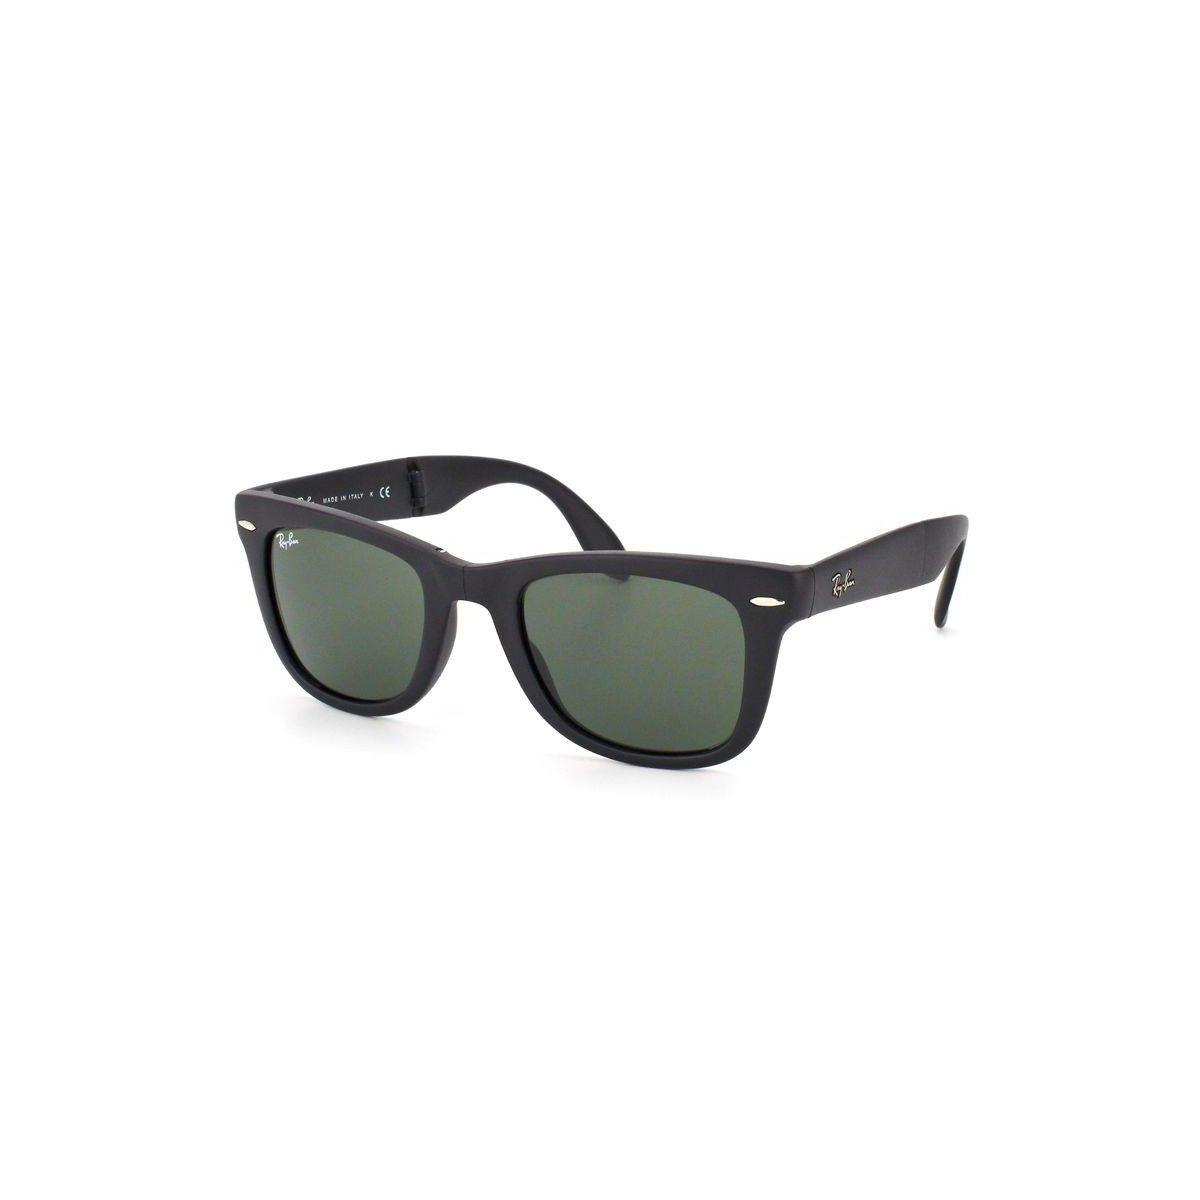 5c6558aecd137 Óculos de Sol Ray Ban Folding Wayfarer - Compre Agora